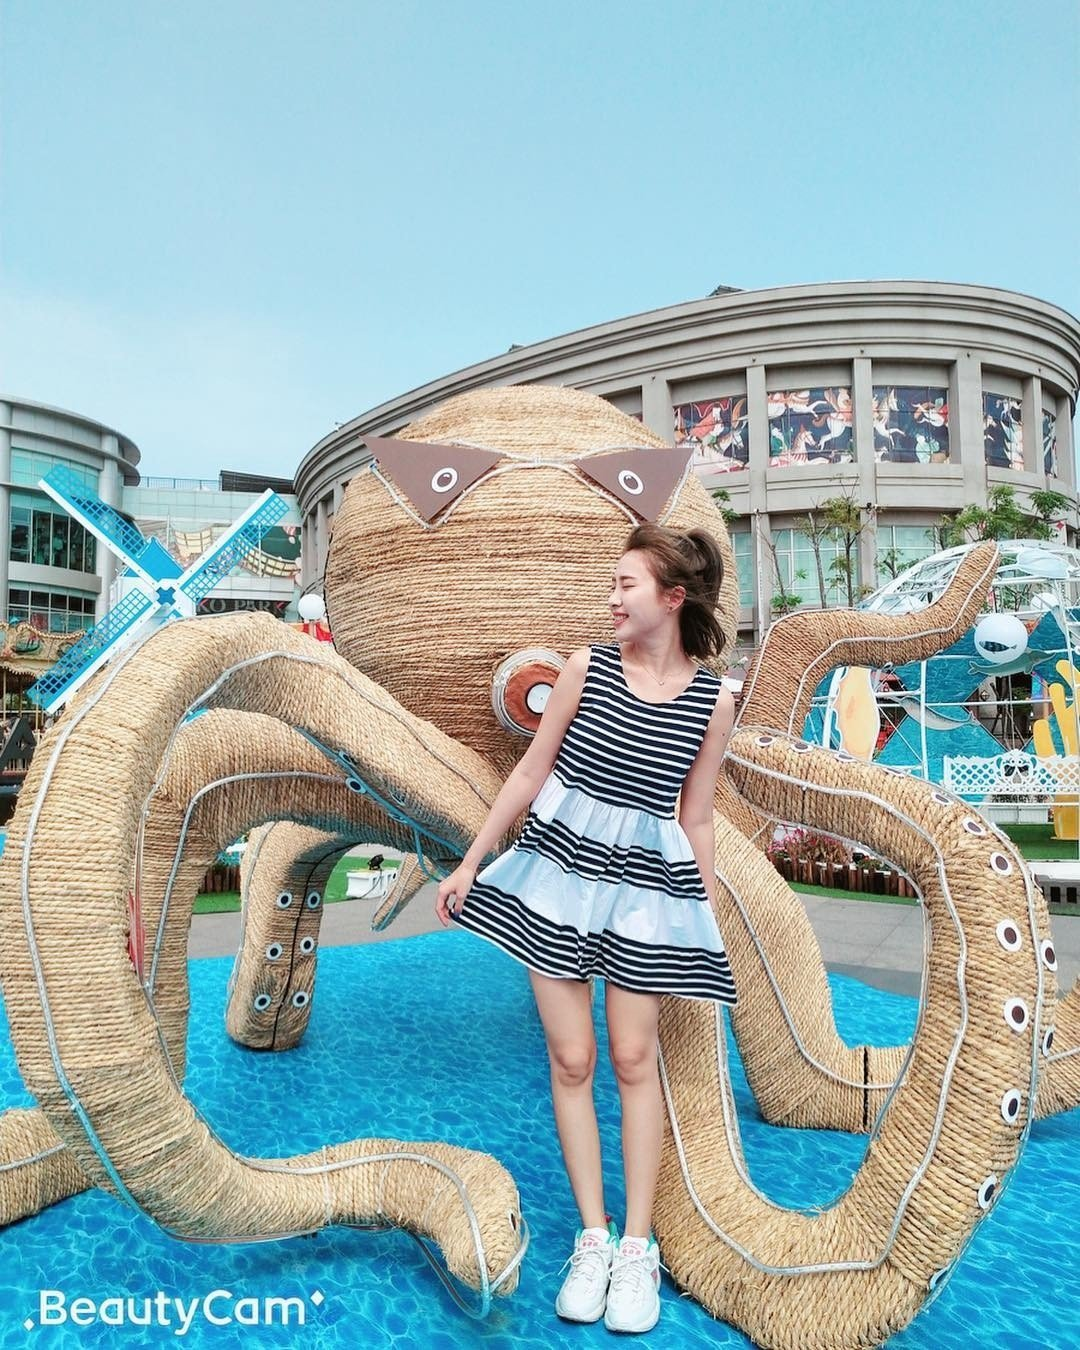 圖/三米高的巨大章魚哥,神態生動有趣。網友jane.duu.88授權